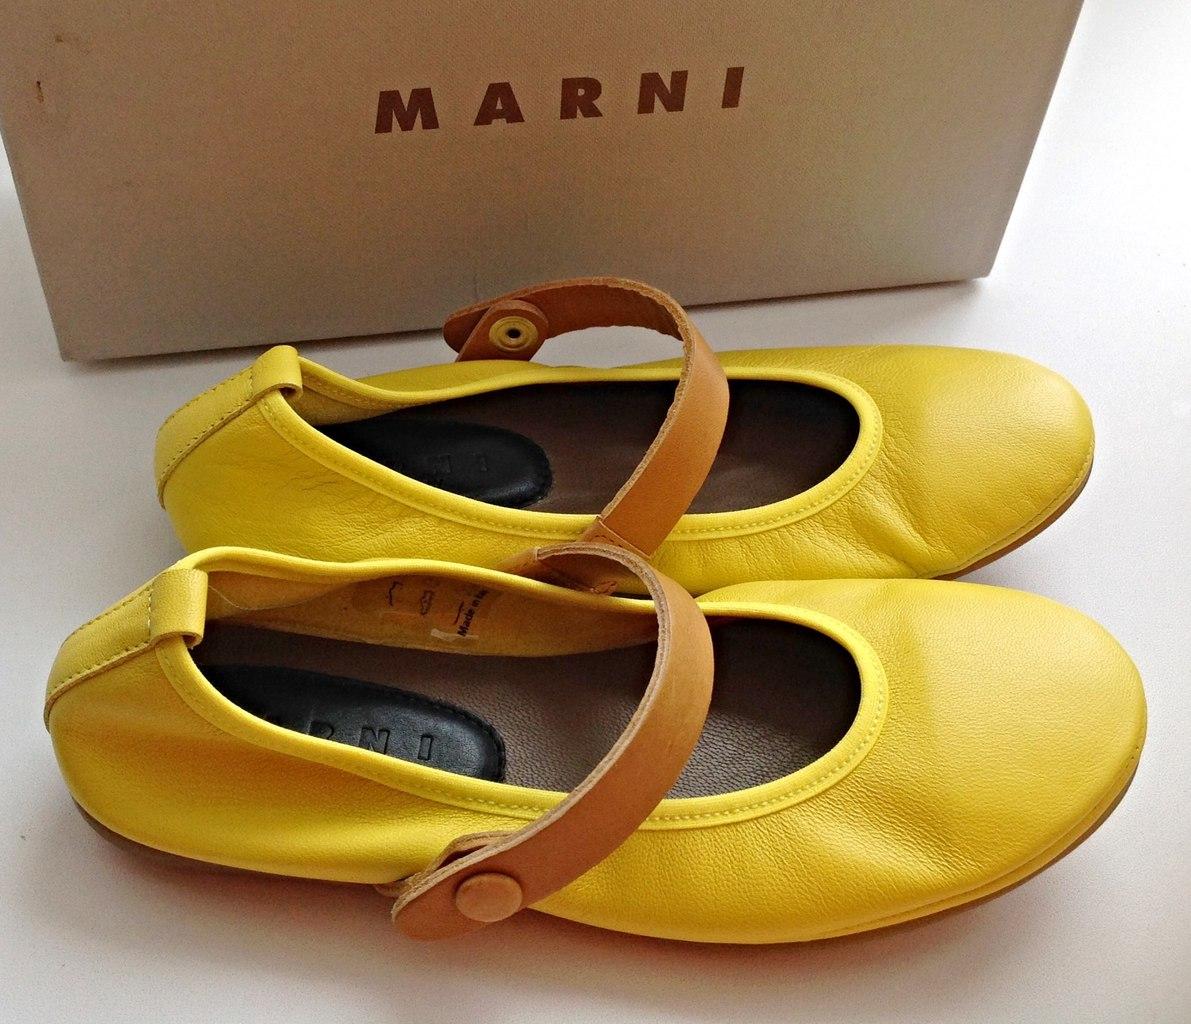 Качественные туфли Marni для девочек Фото 7: